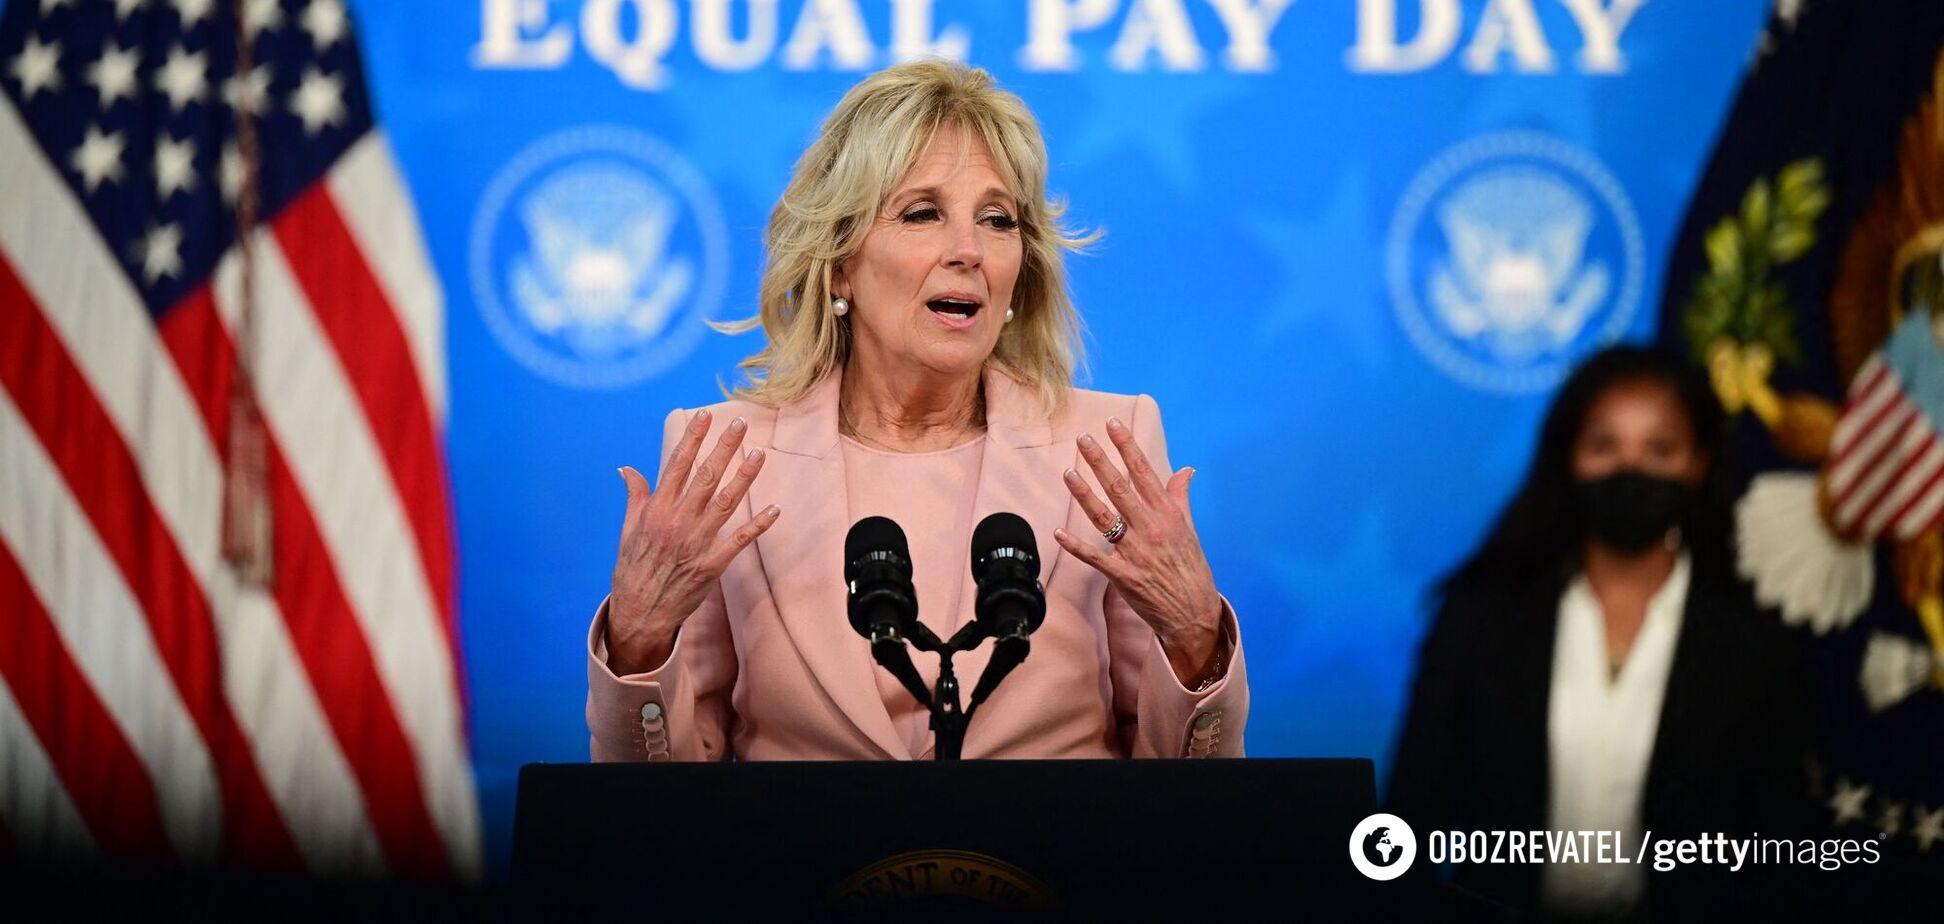 Джилл Байден вызвала споры в сети из-за наряда с ажурными колготками. Фото